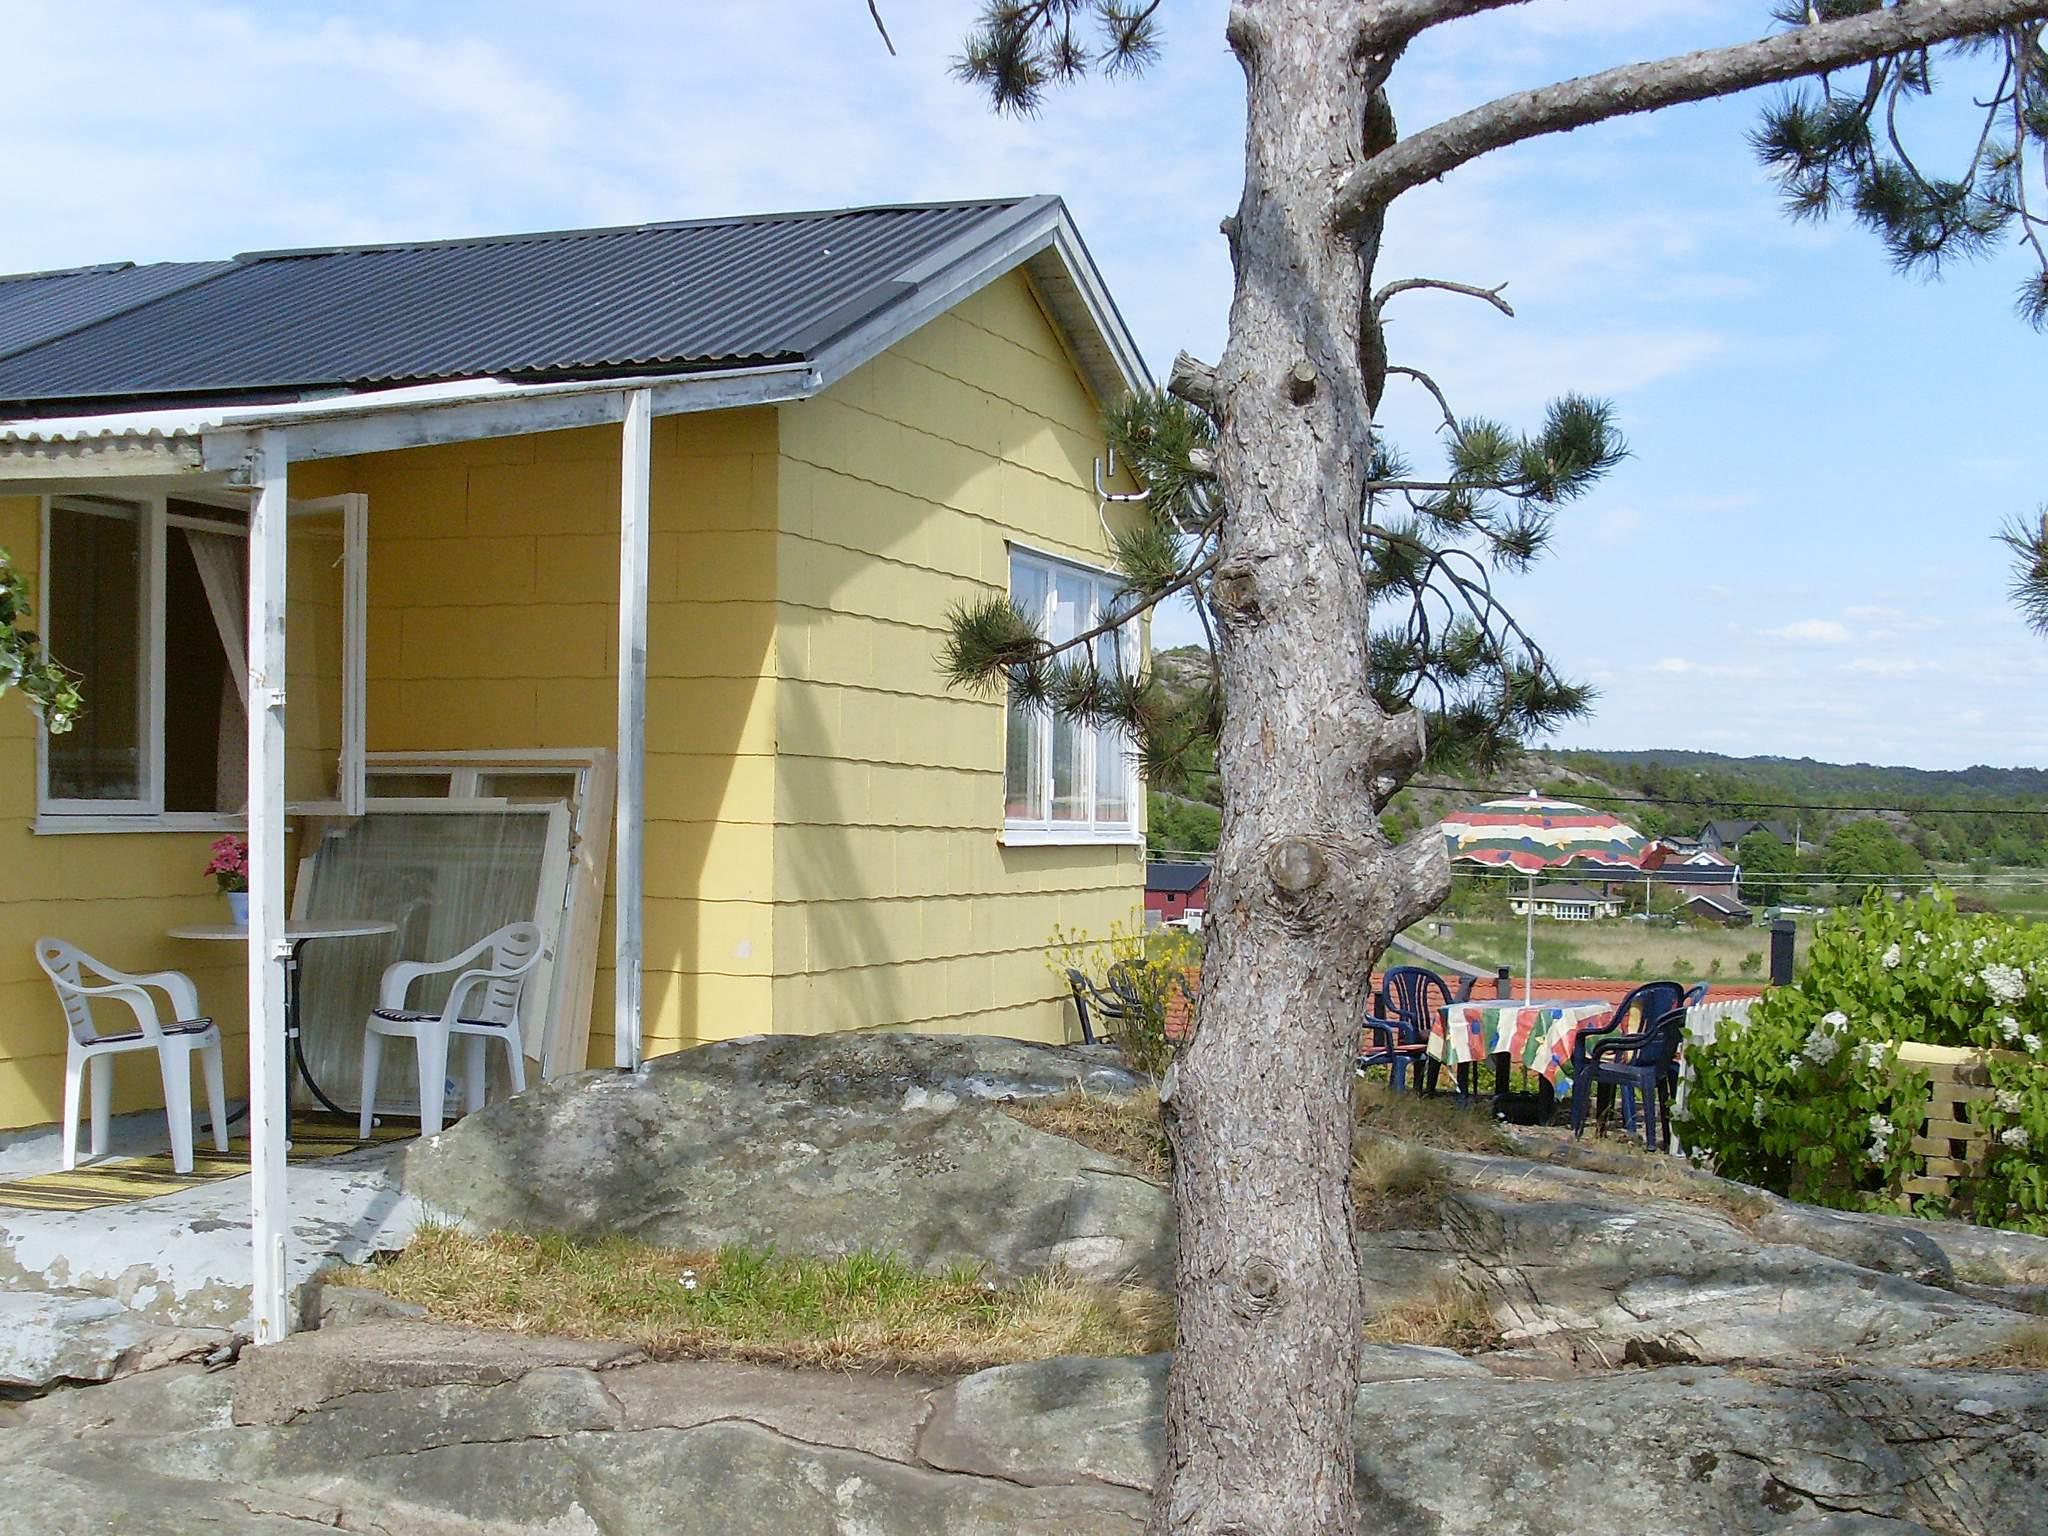 Ferienhaus Kovikshamn (266413), Kärna, Västra Götaland län, Westschweden, Schweden, Bild 12